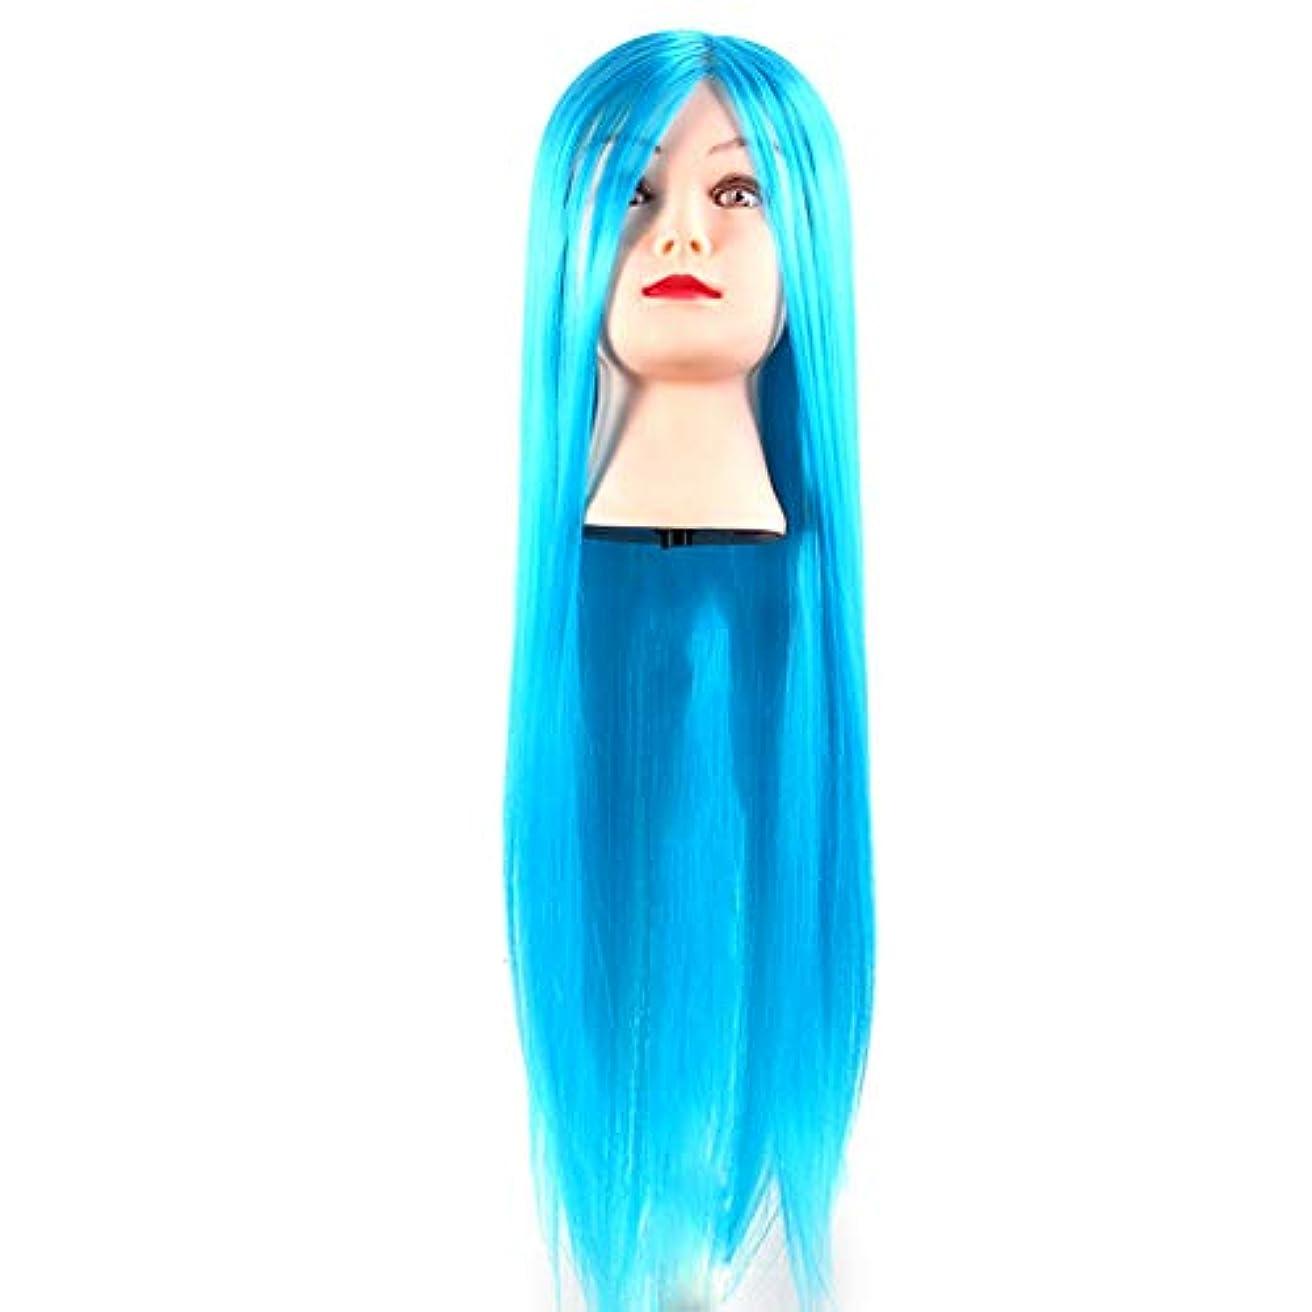 版複製するサバントサロン散髪練習ヘッドモデルメイク学校編組髪開発学習モデルヘッドヘアストレートロングかつら